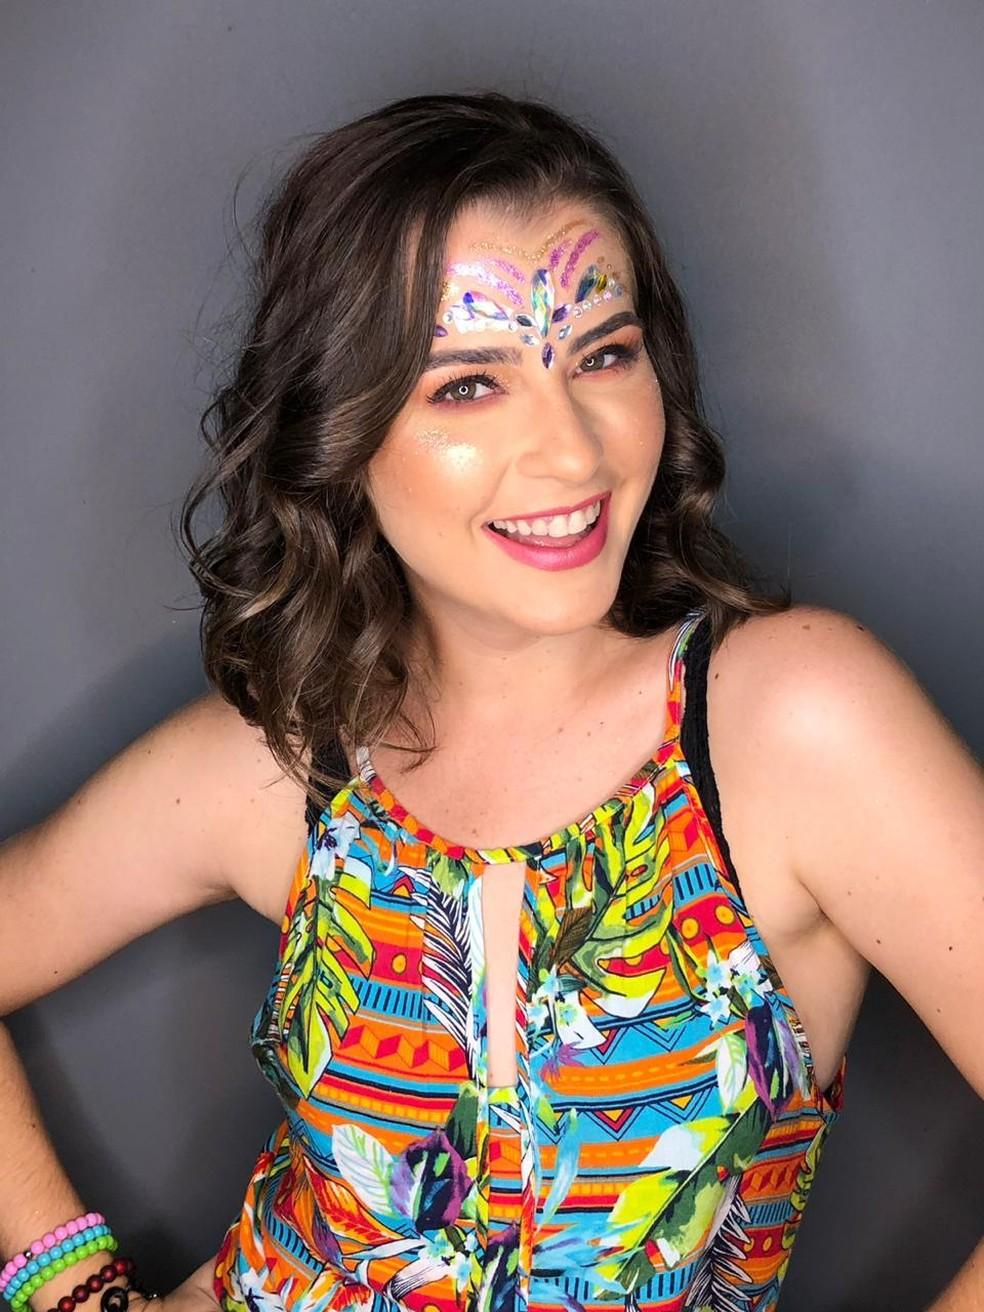 Dermatologista potiguar explica cuidados necessário para cuidar da pele durante o carnaval — Foto: Cedida